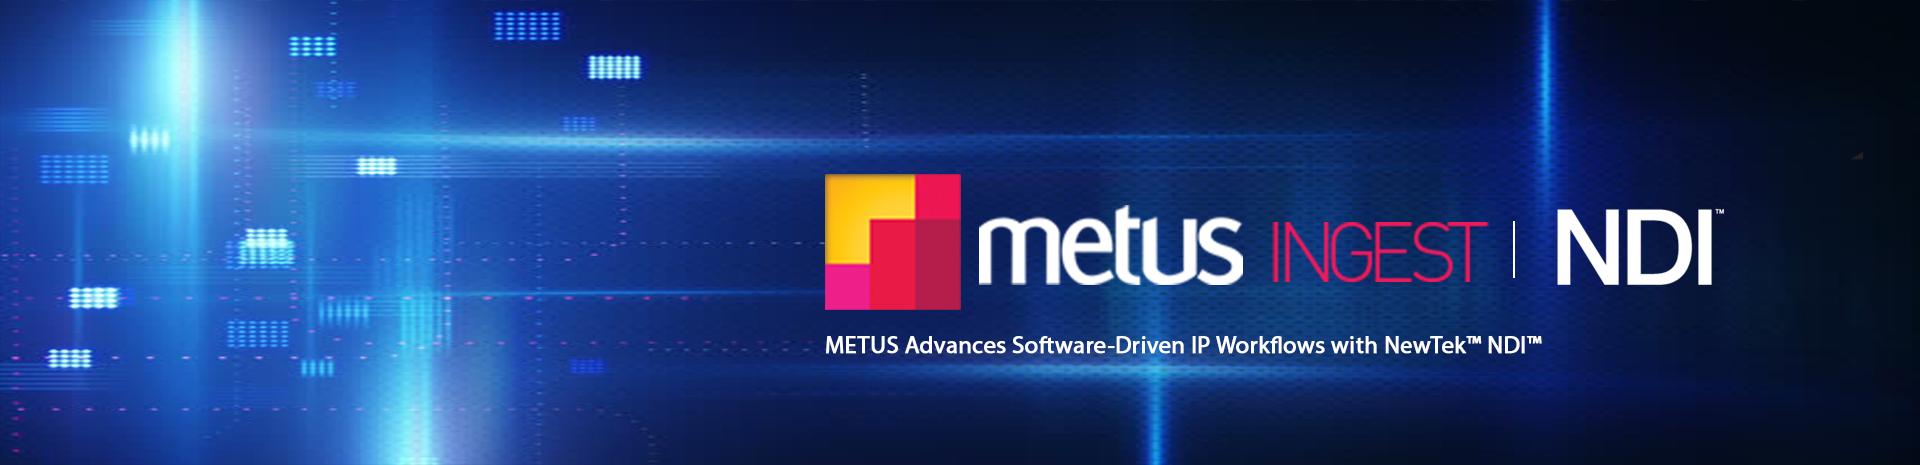 METUS Advances Software-Driven IP Workflows with NewTek NDI